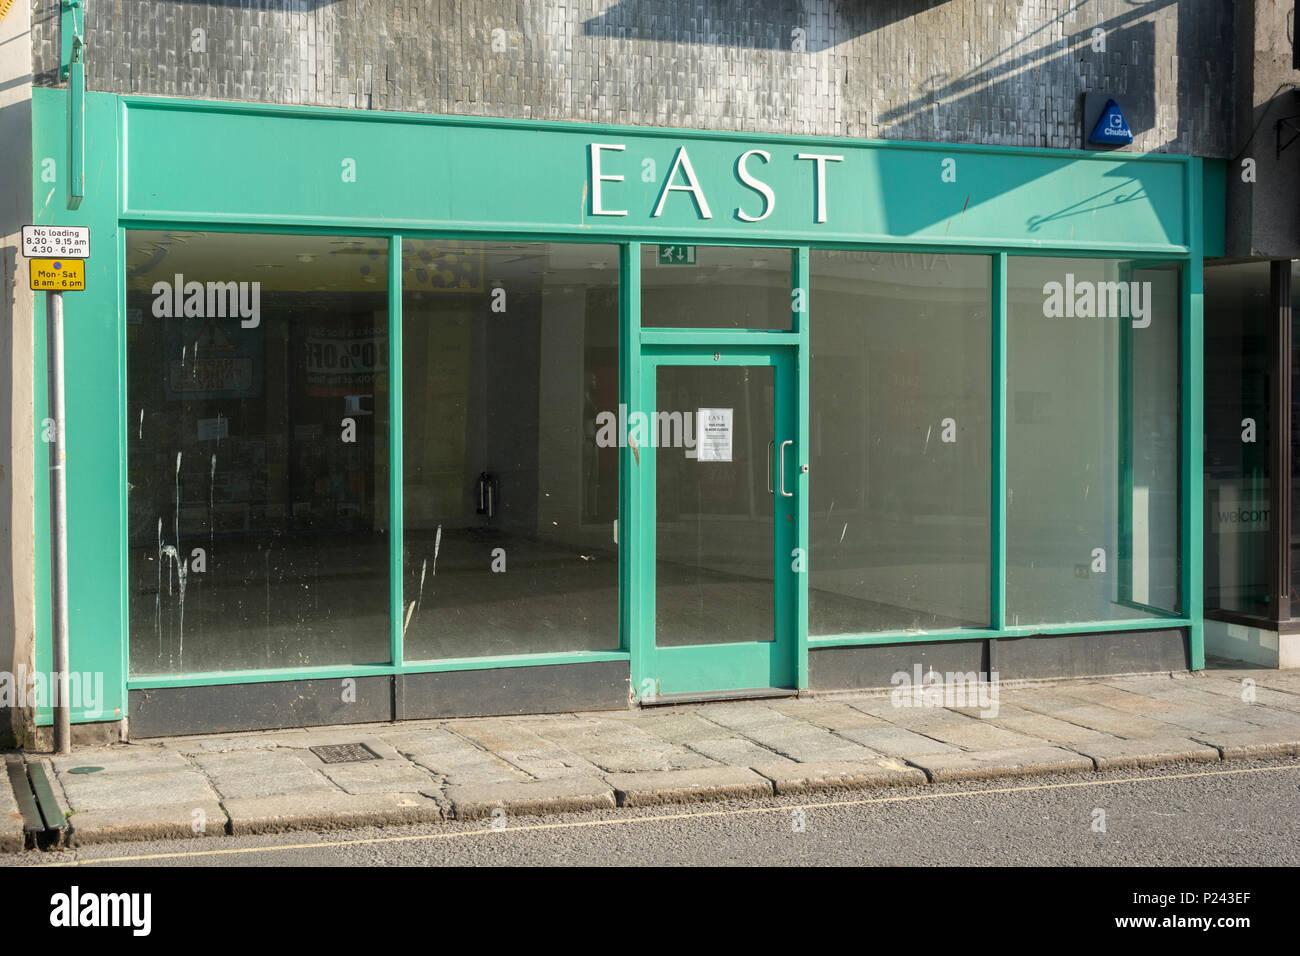 Leer leer Shop vorne in Truro, Cornwall. Metapher für Tod von der High Street, geschlossen, Geschäfte, Rezession, High Street Verschlüsse, leerstehende Geschäfte. Stockbild